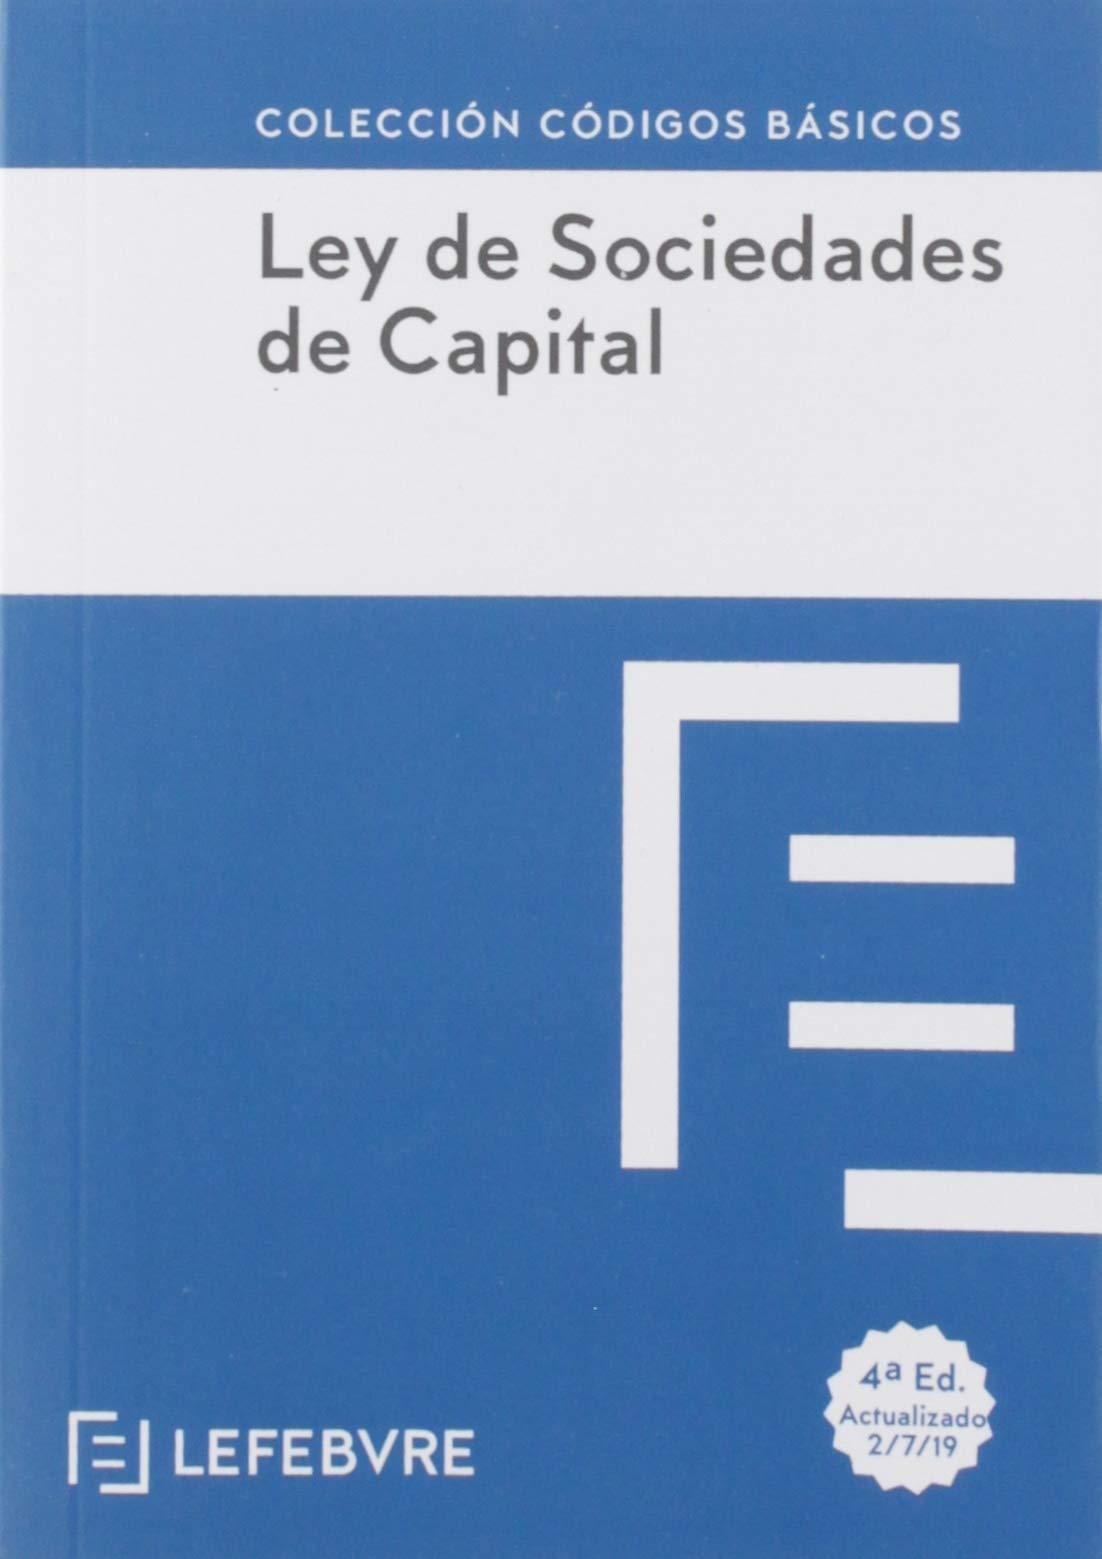 LEY DE SOCIEDADES DE CAPITAL 4ª EDC.: Código Básico (Códigos Básicos)